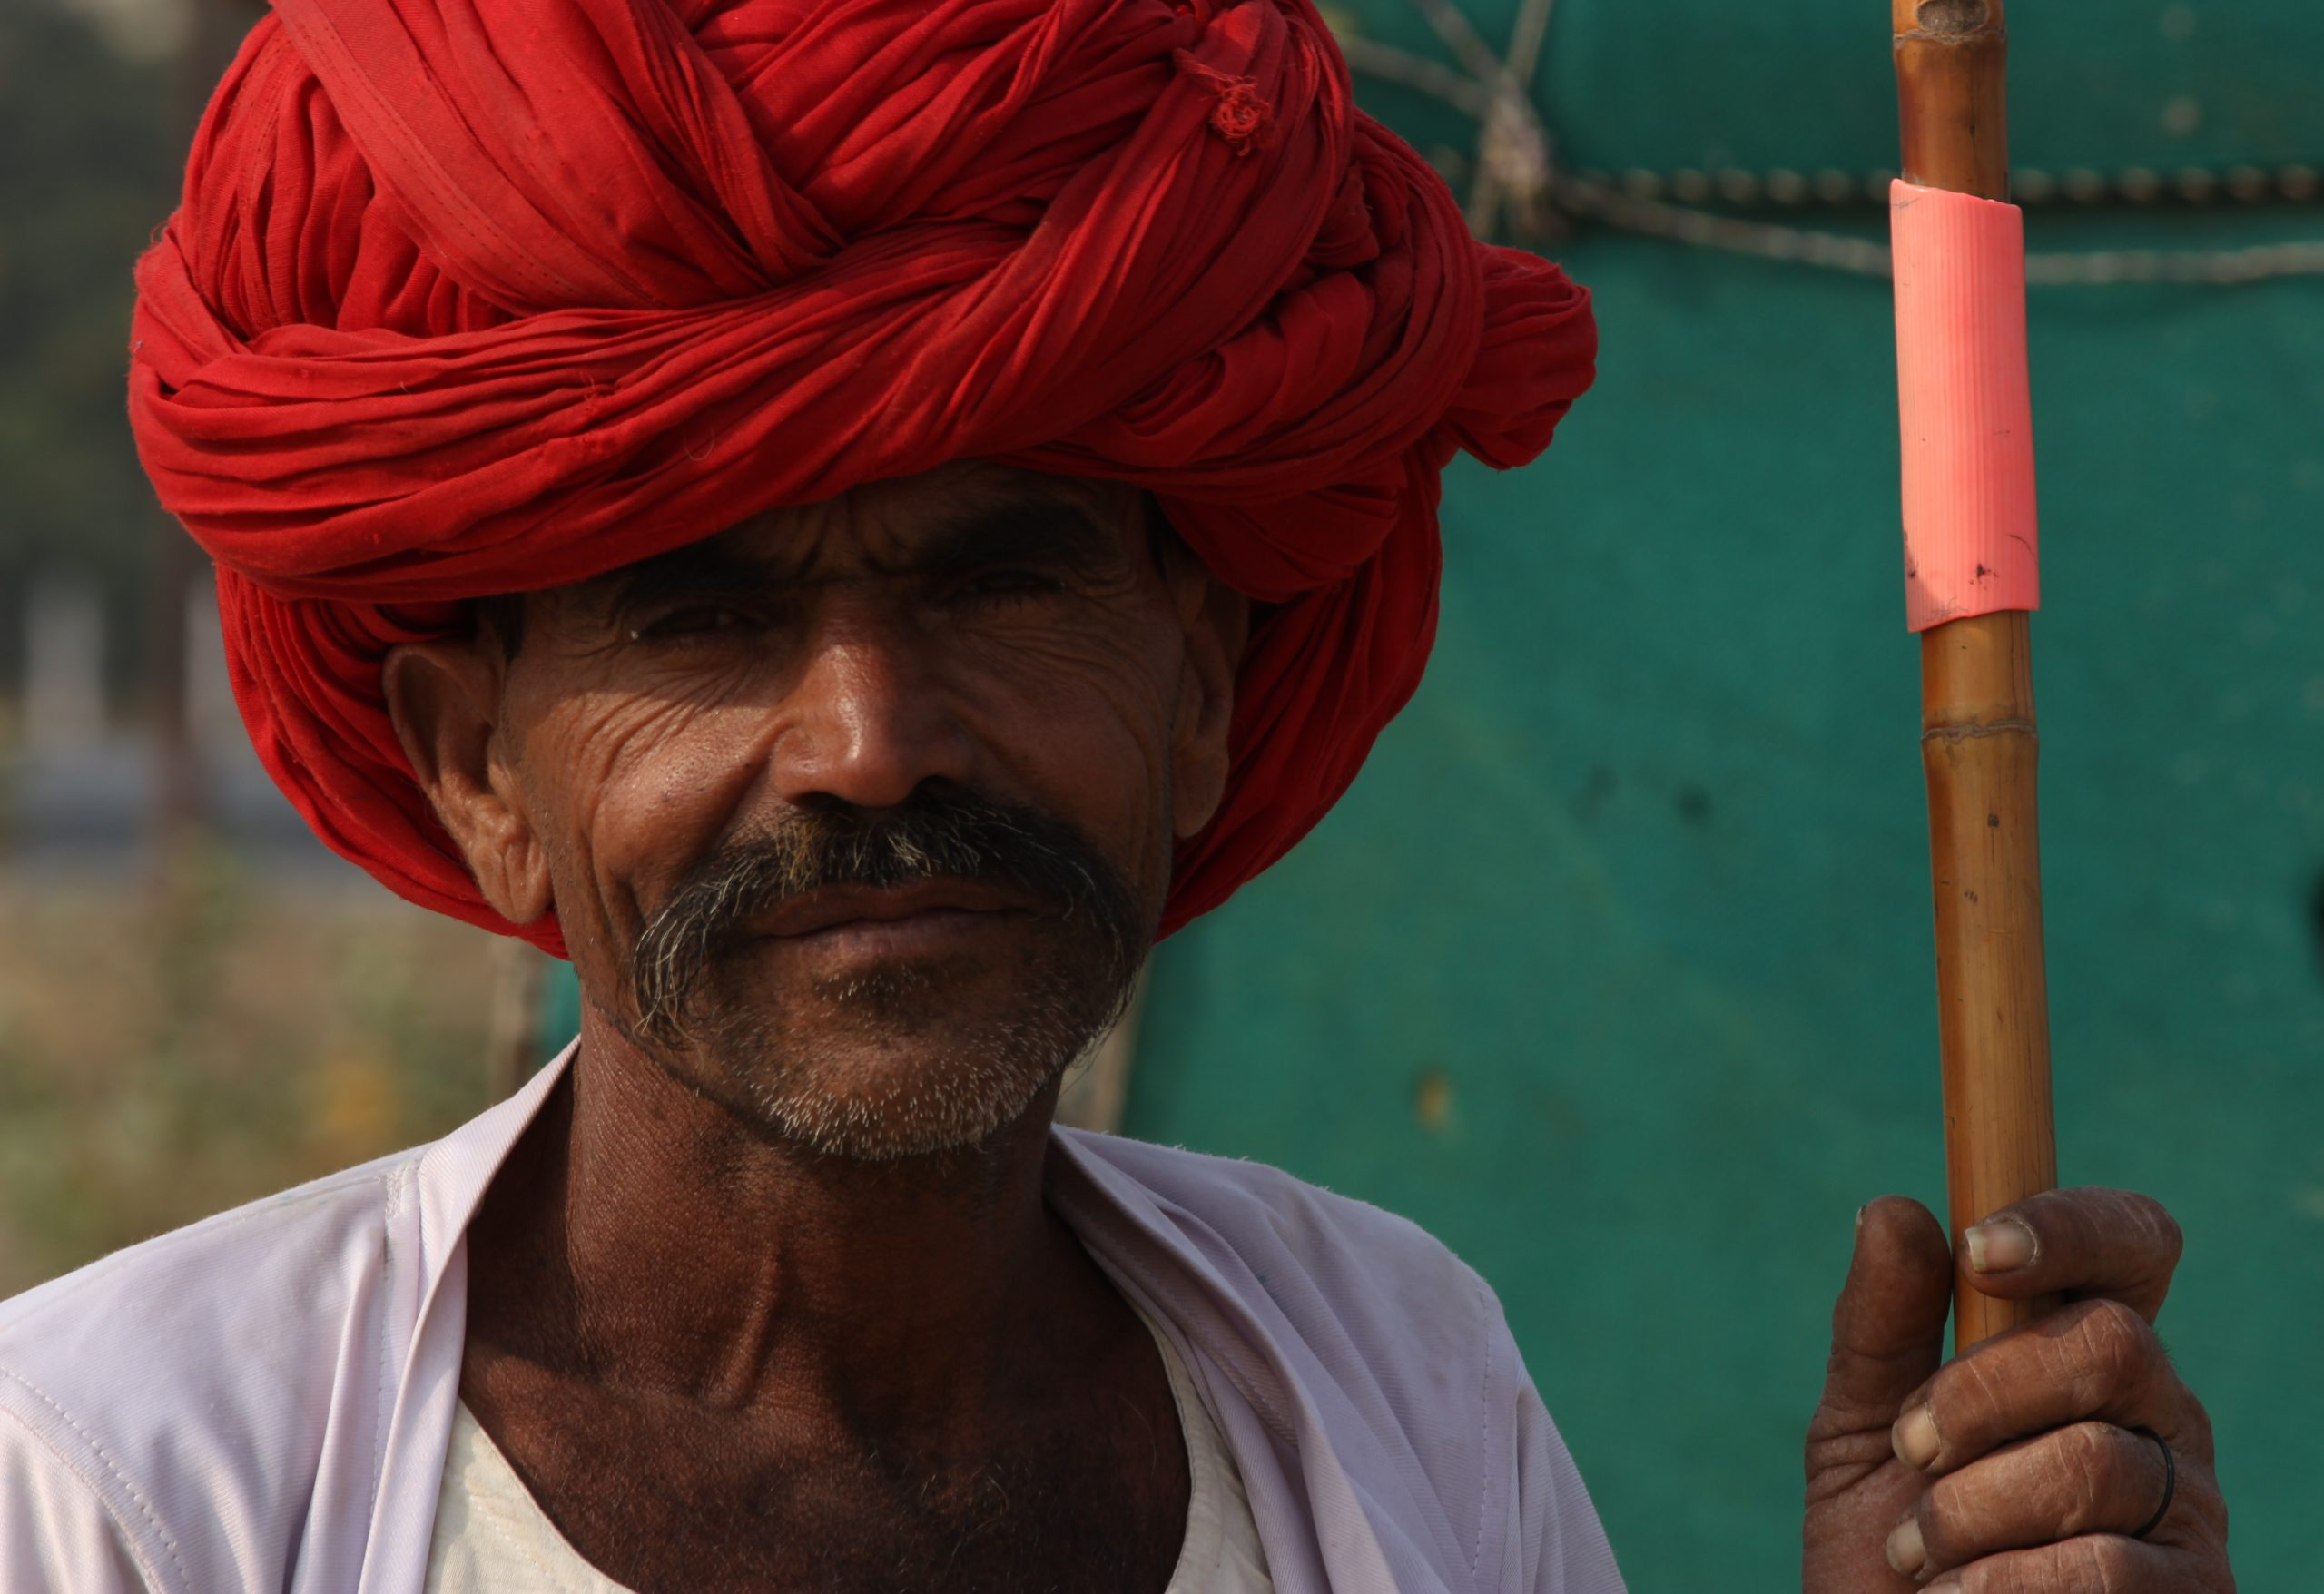 A village man